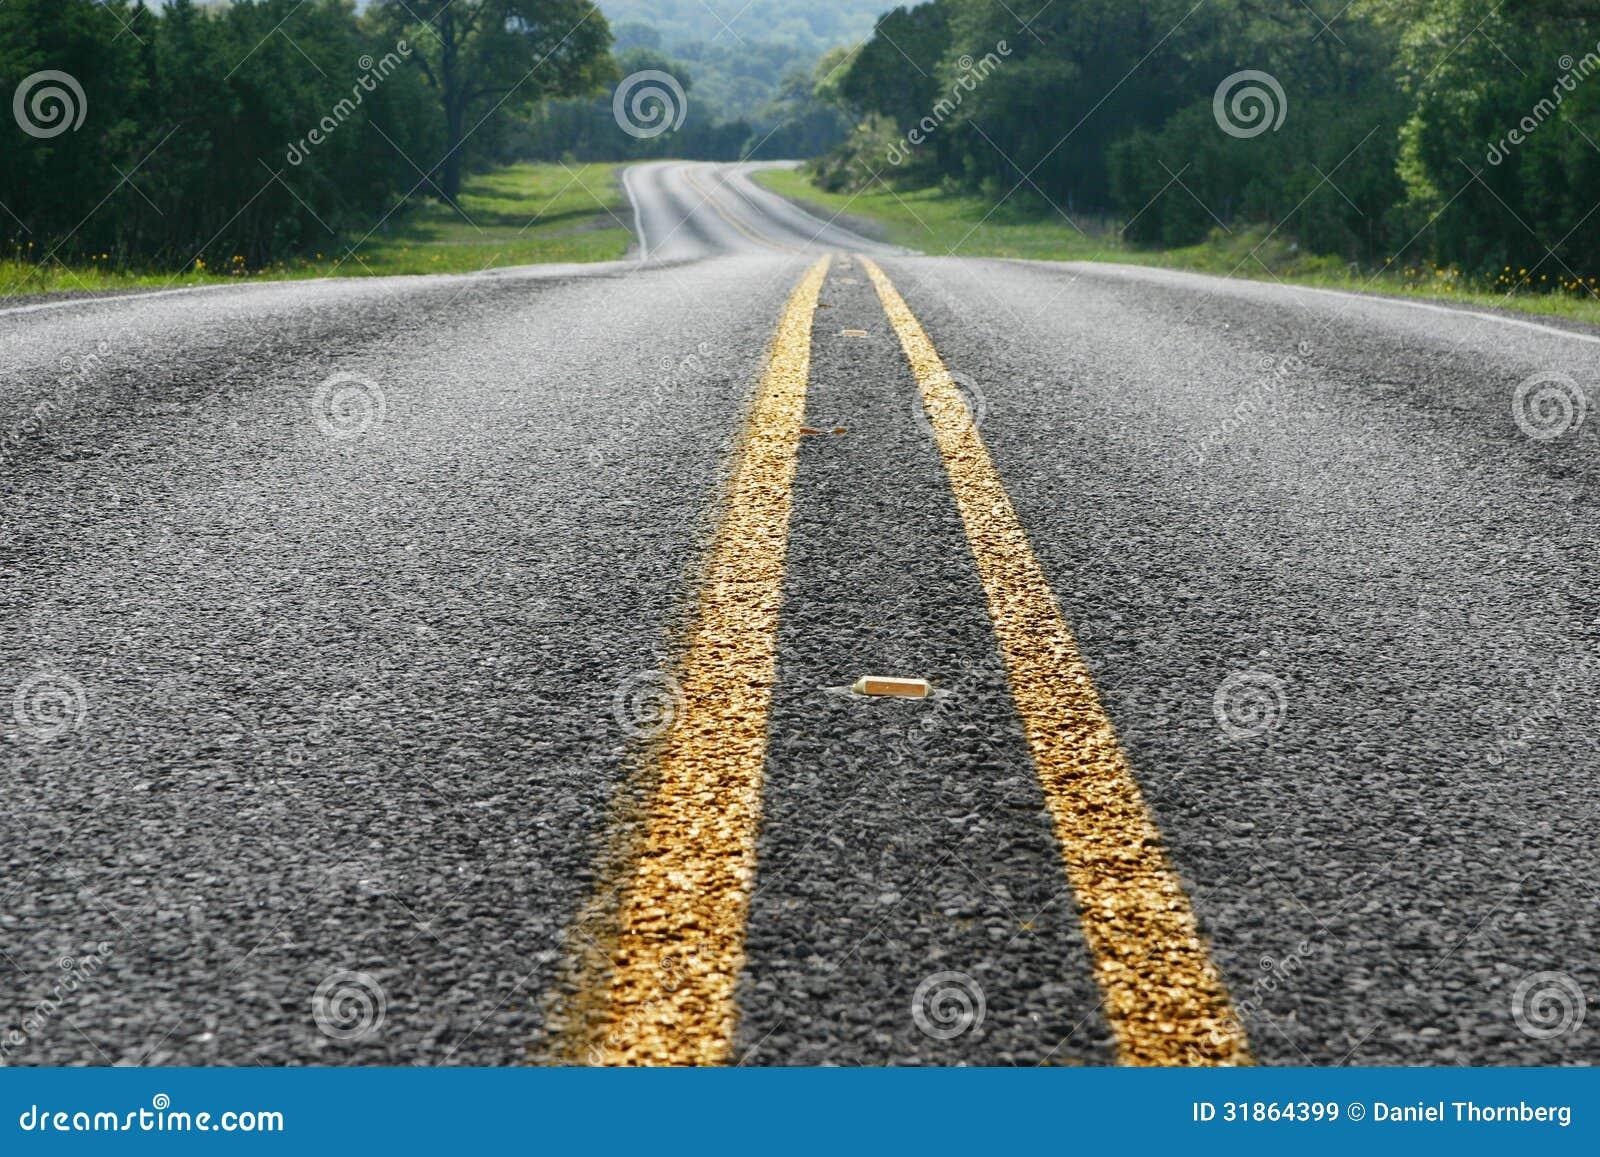 Взгляд низкого угла изгибать дорогу в стране холма Техаса